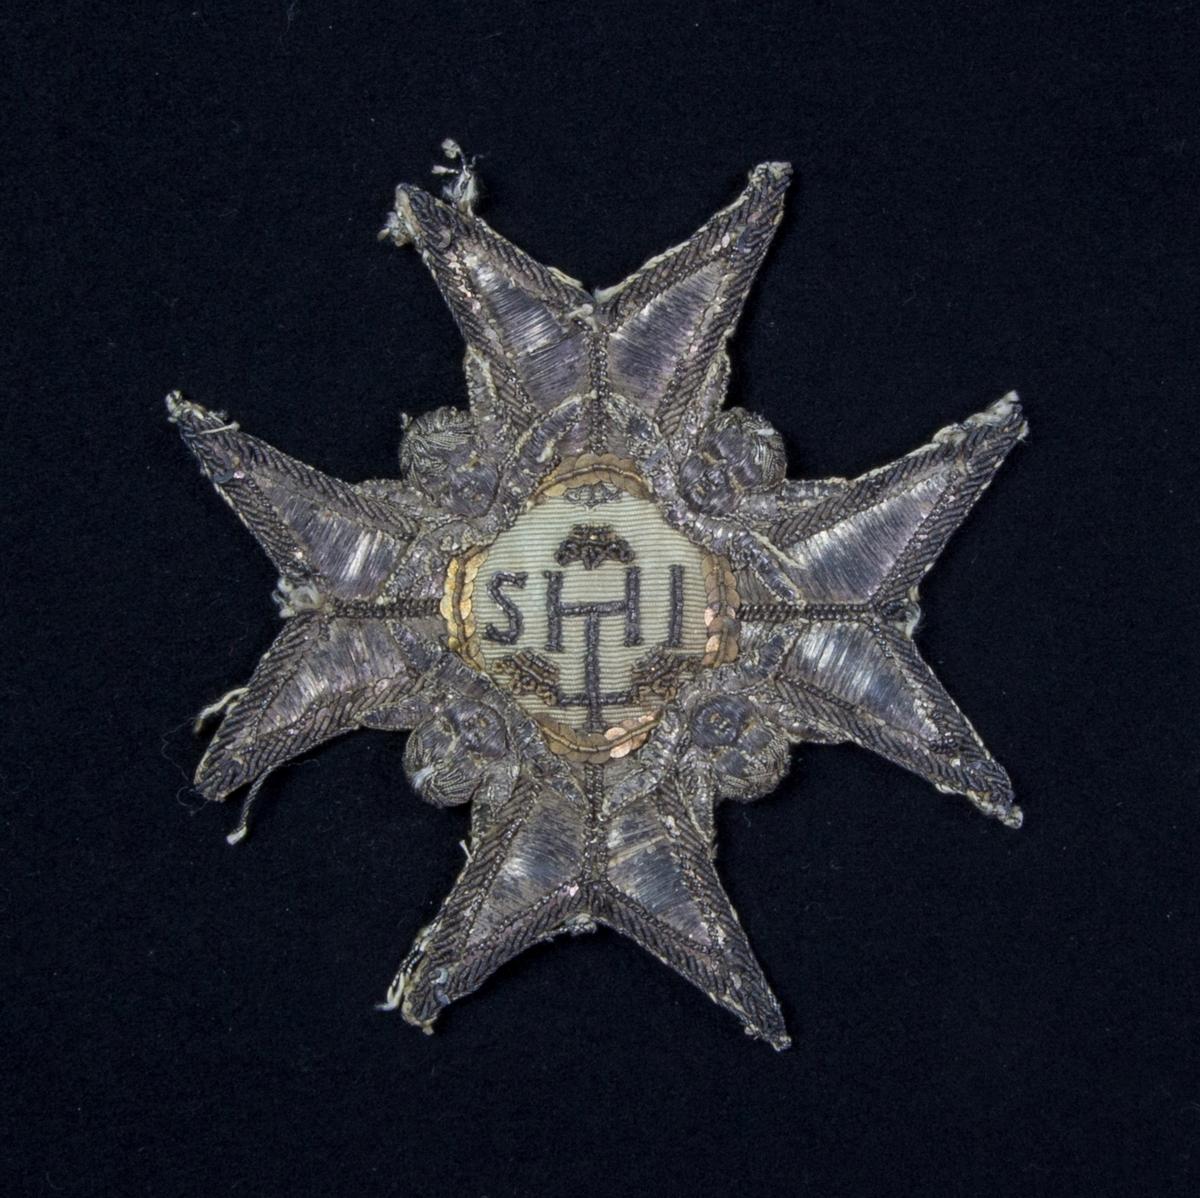 Serafimerordensstjärna med 8 uddar av ljust skinn med broderade ornament av silvertråd, såsom änglahuvuden med mera. I centrum IHS broderat på siden omgivet av paljetter.